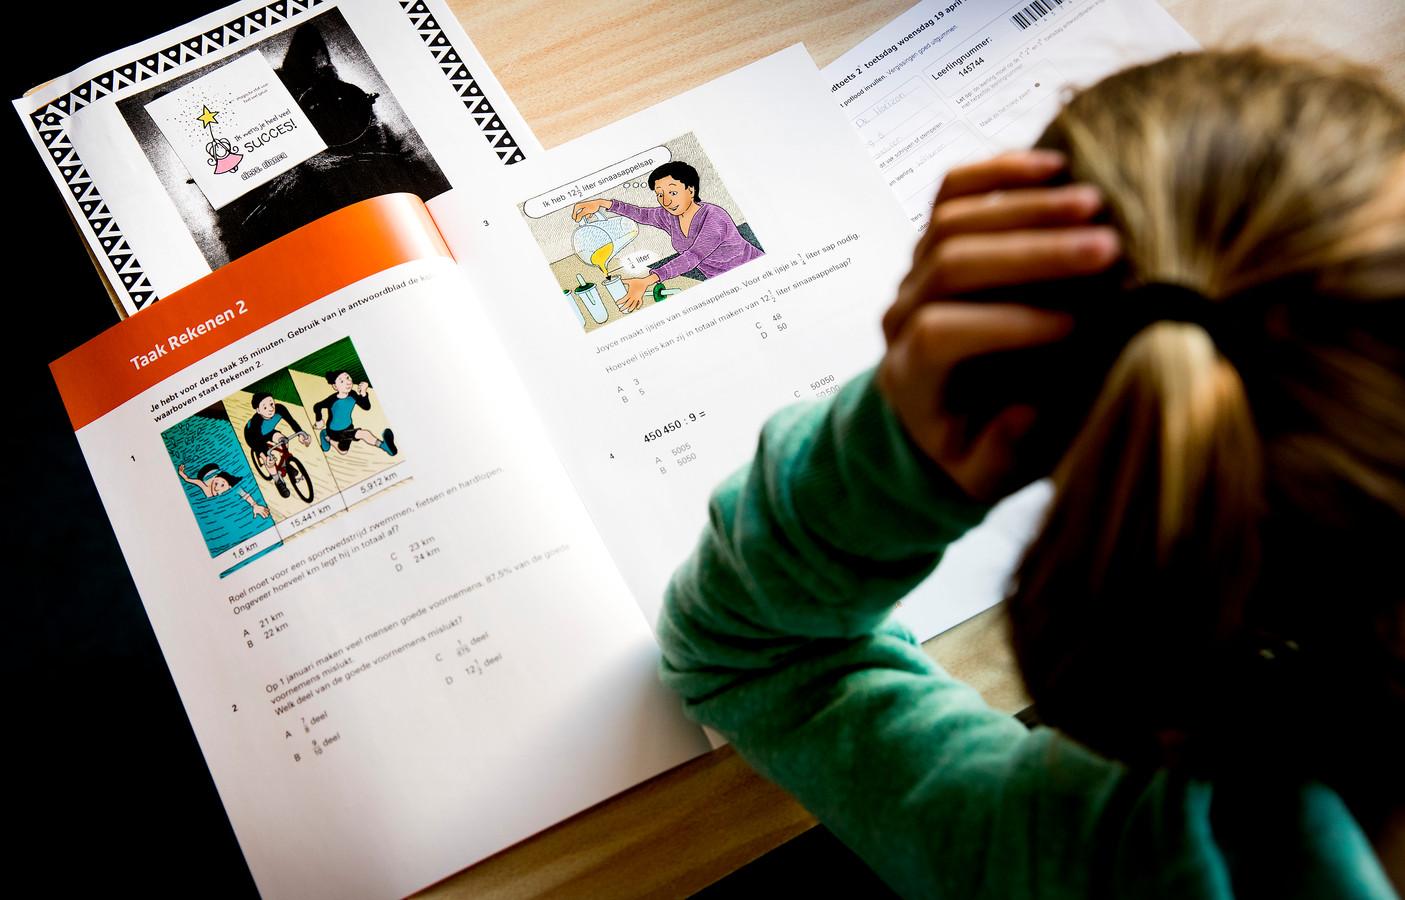 Leerlingen op de basisschool moeten na hun eindtoets pas hun middelbare schooladvies krijgen.